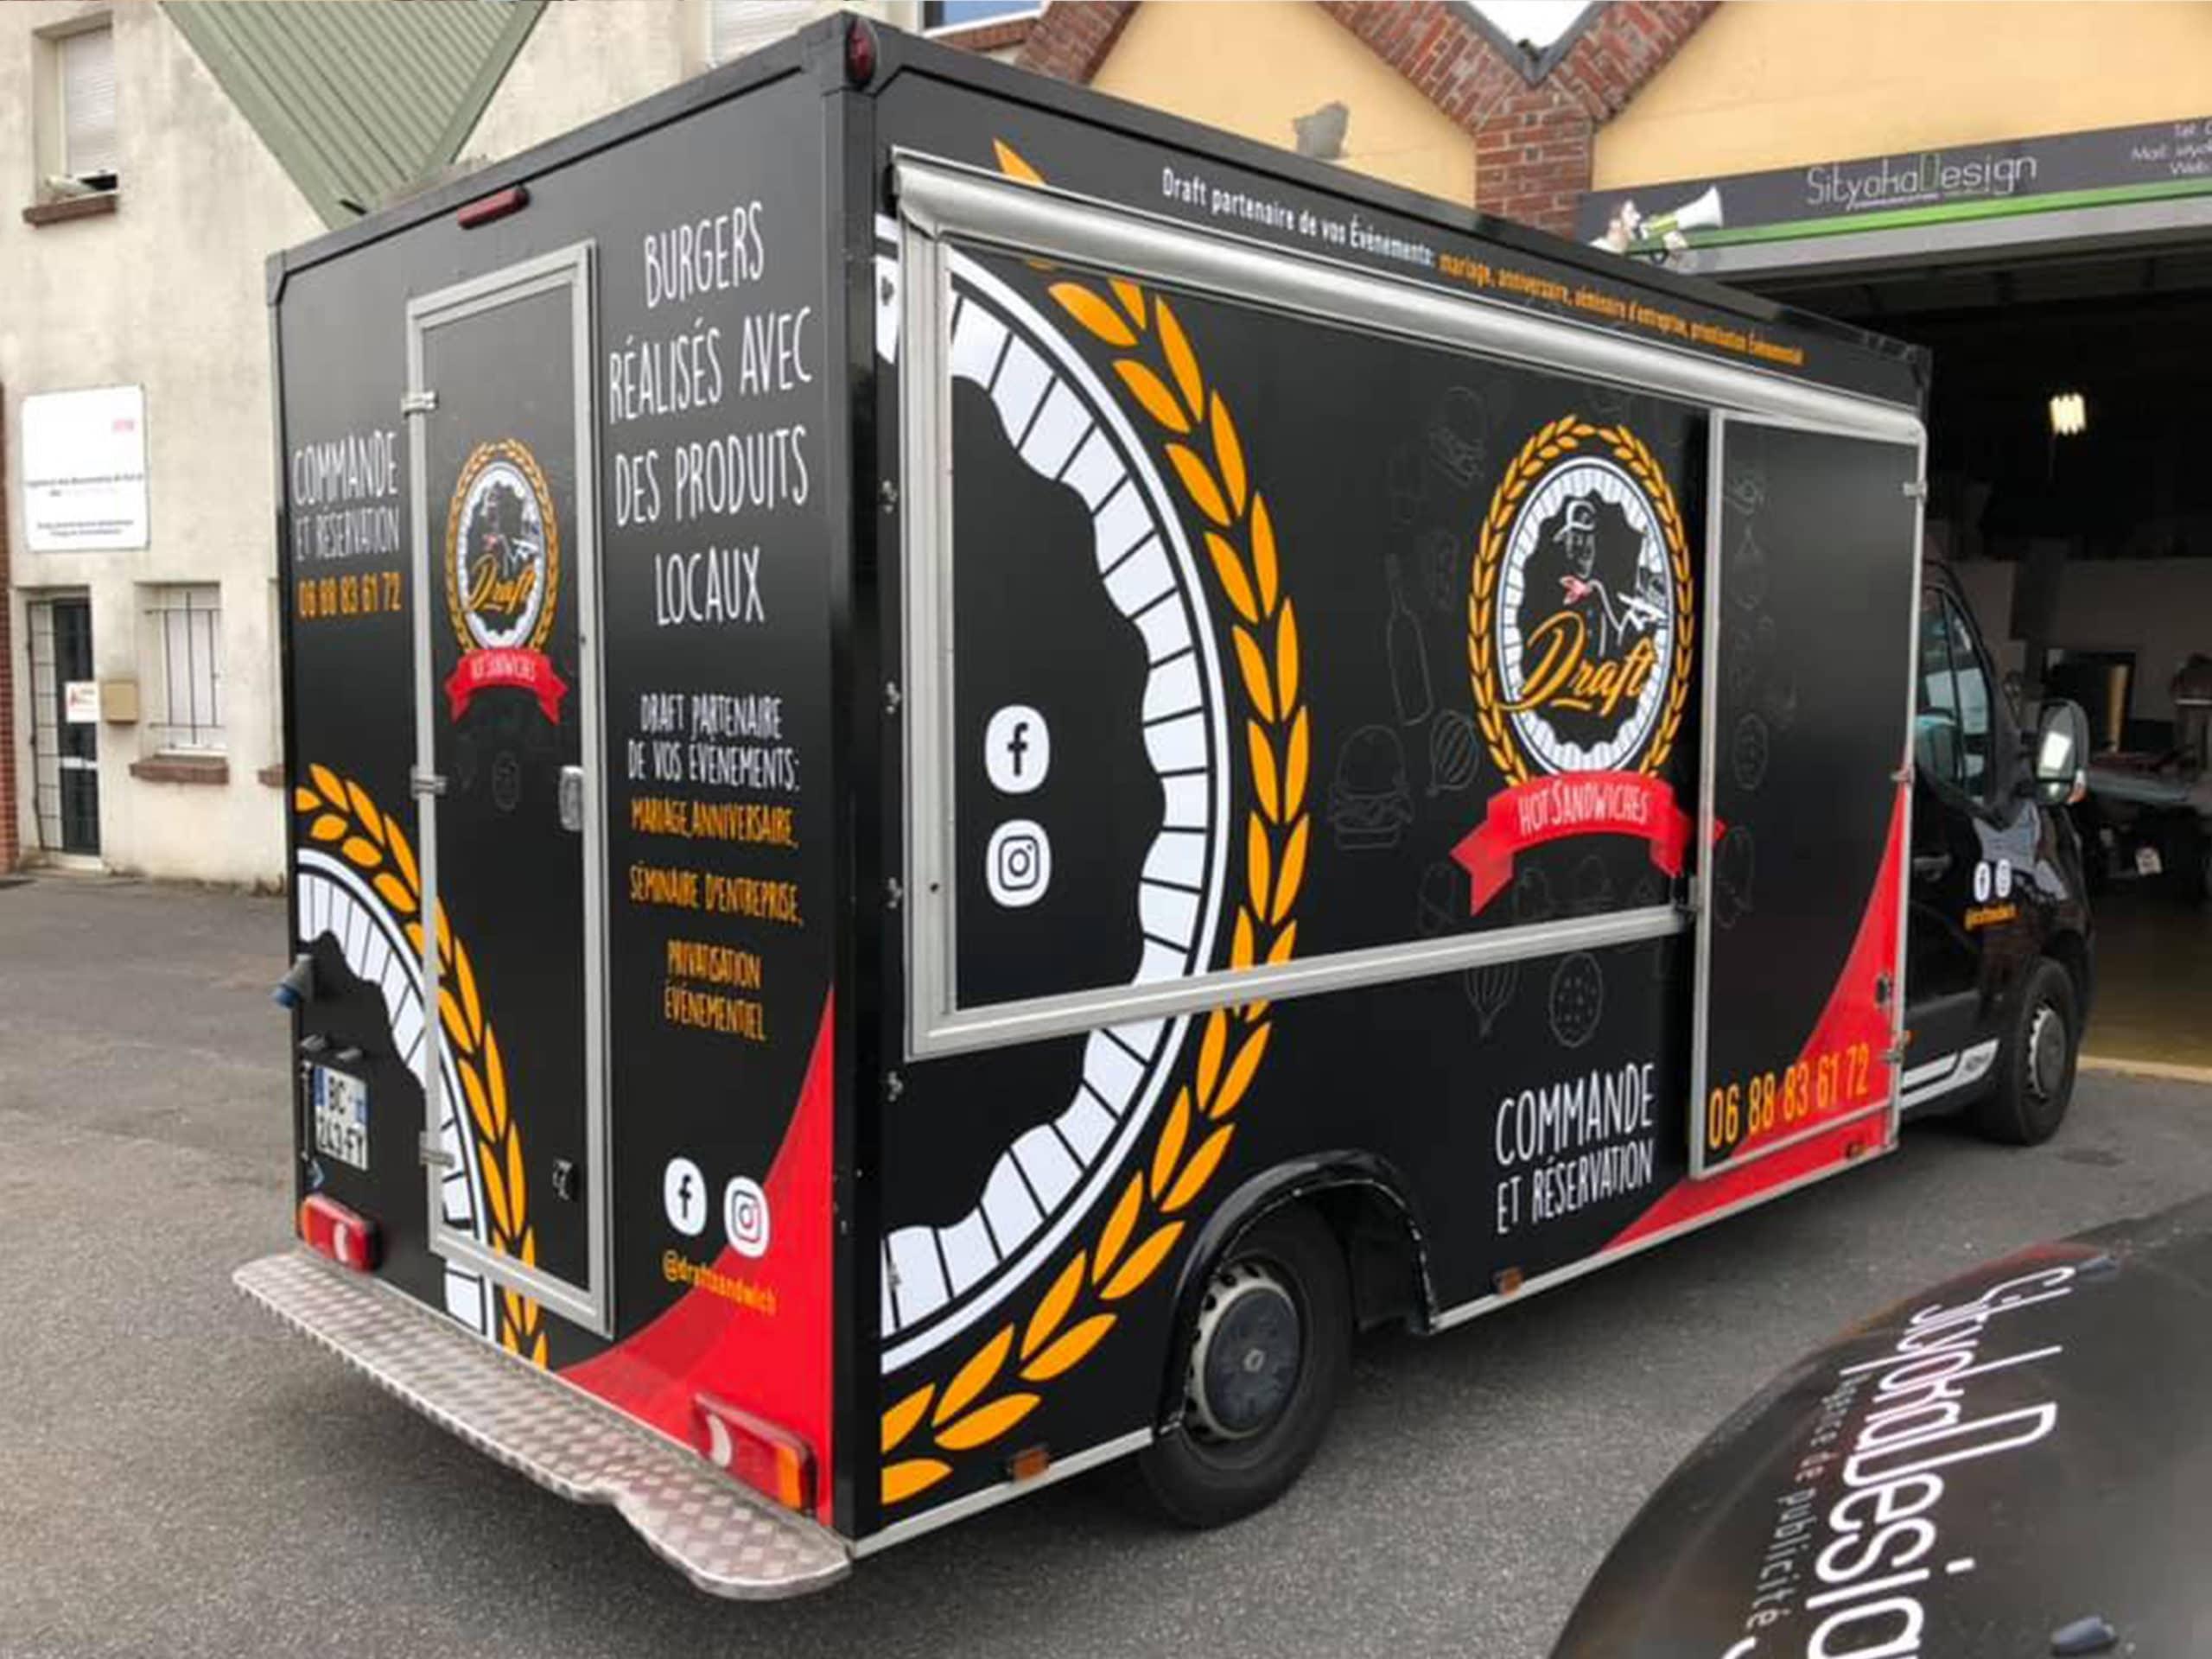 adhesif-utilitaire-flocage-food-truck-adhesif-pas-cher-agence-de-publicite-caen-paris-sityoka-design